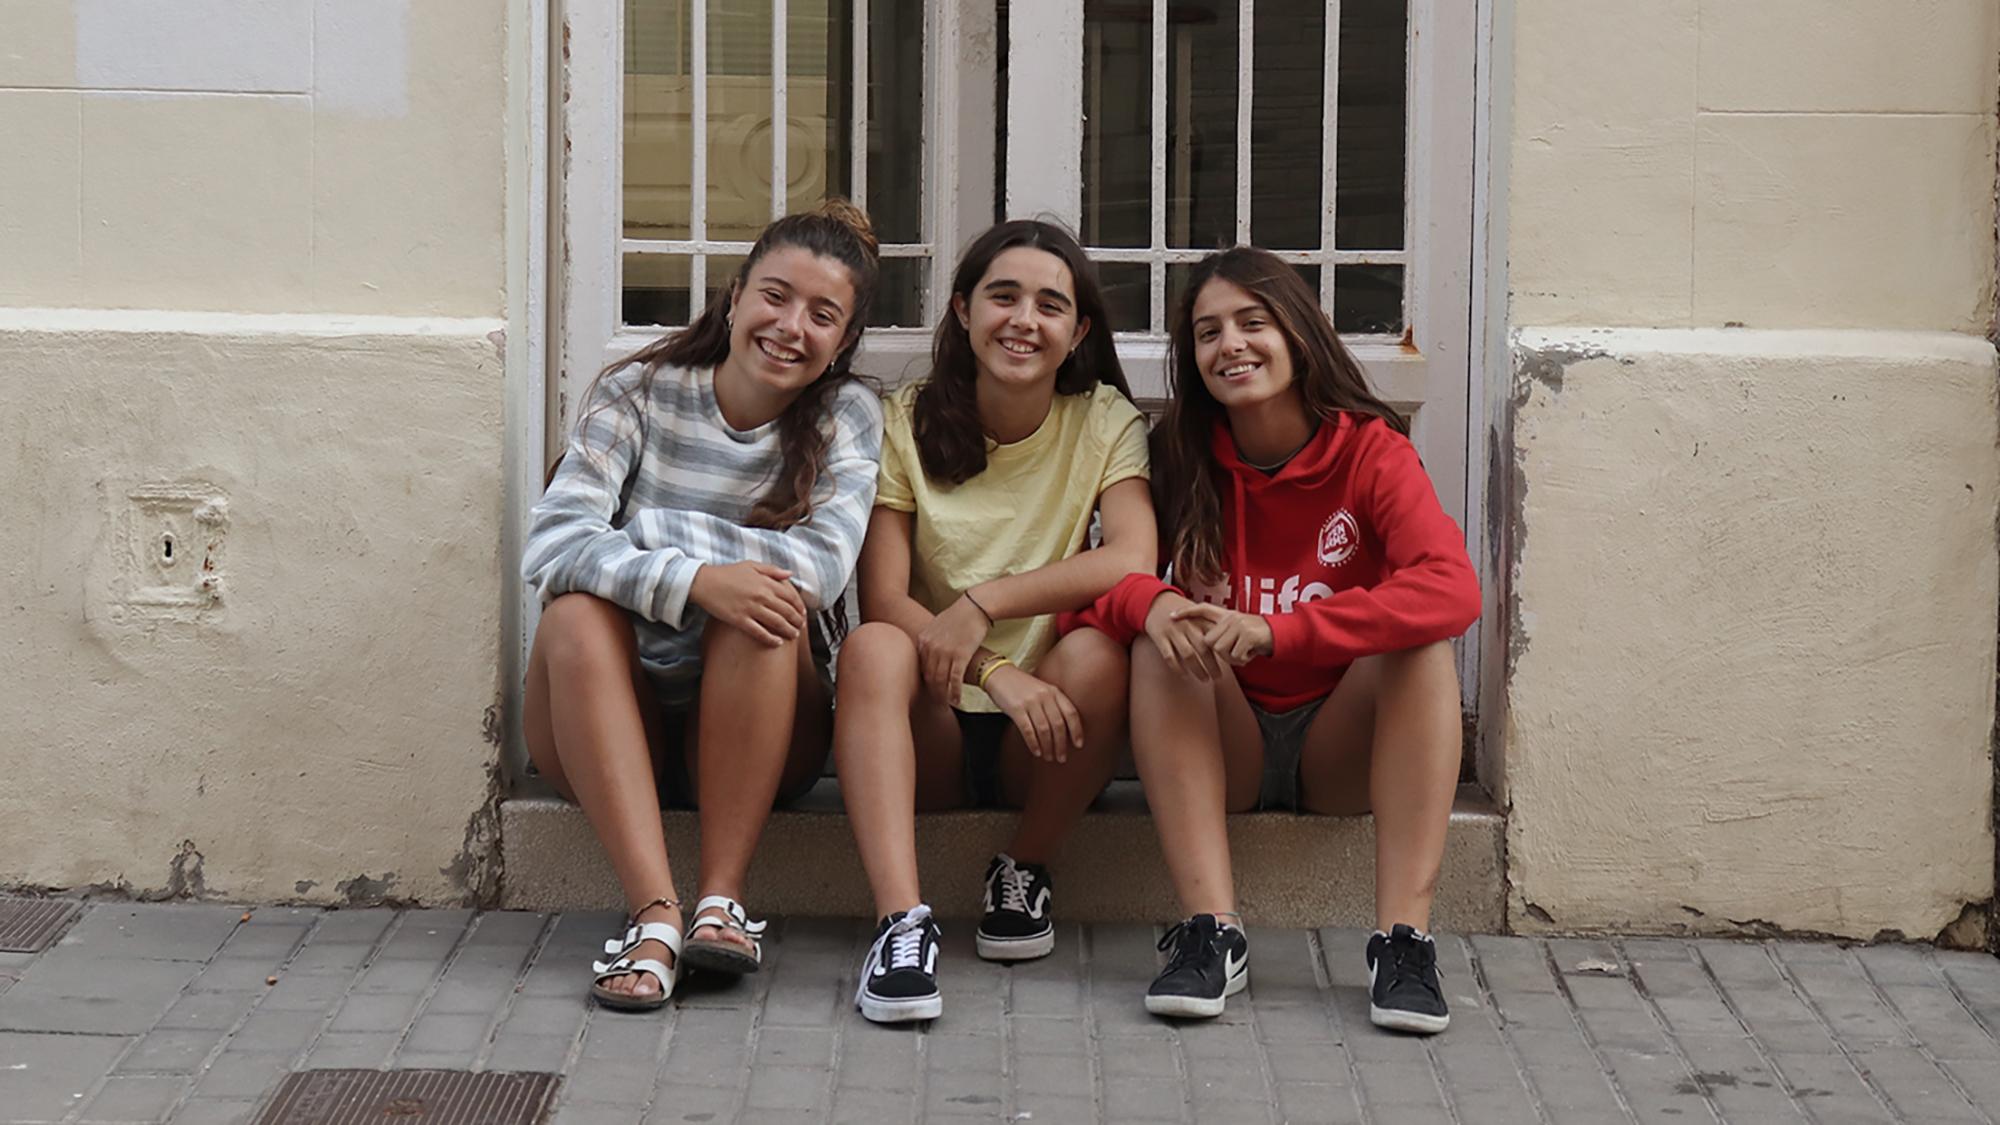 Les guanyadores del primer premi de la XV edició del Premi PRBB. D'esquerra a dreta, Clàudia Fernández, Ona Torrejon i Isabel Anaya, de l'Institut La Llauna (Badalona).